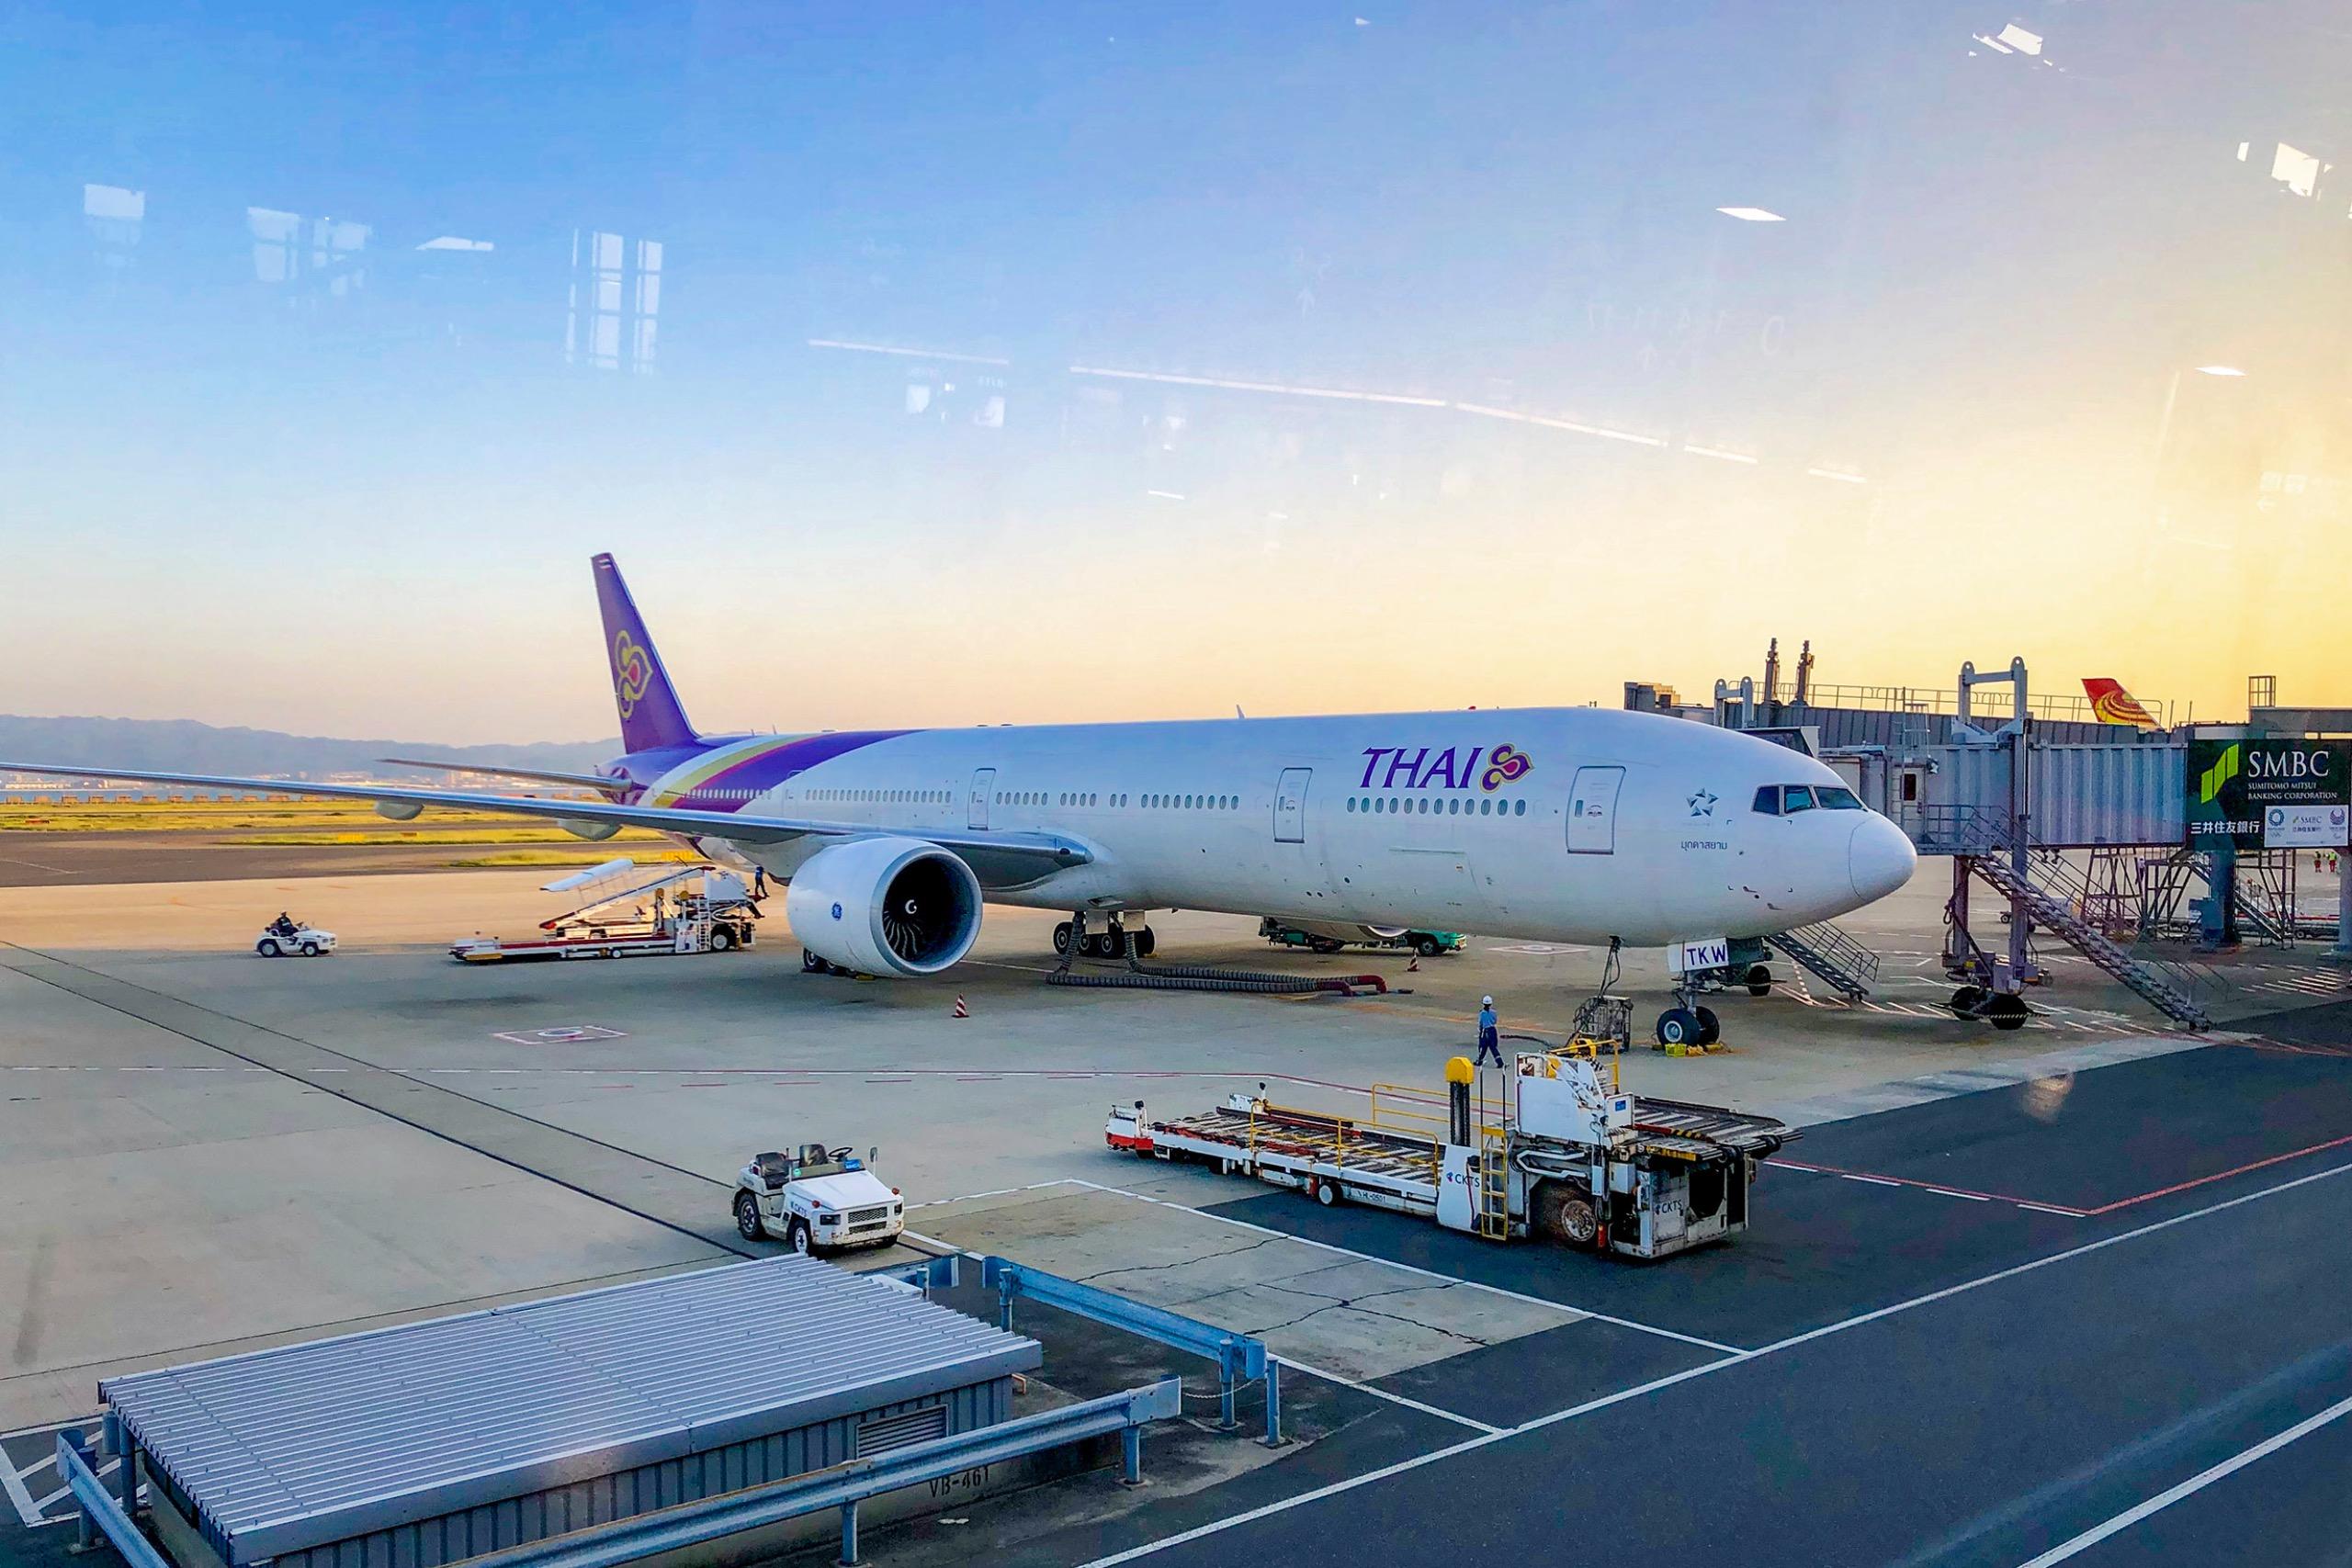 タイ旅行いつから可能 タイ航空